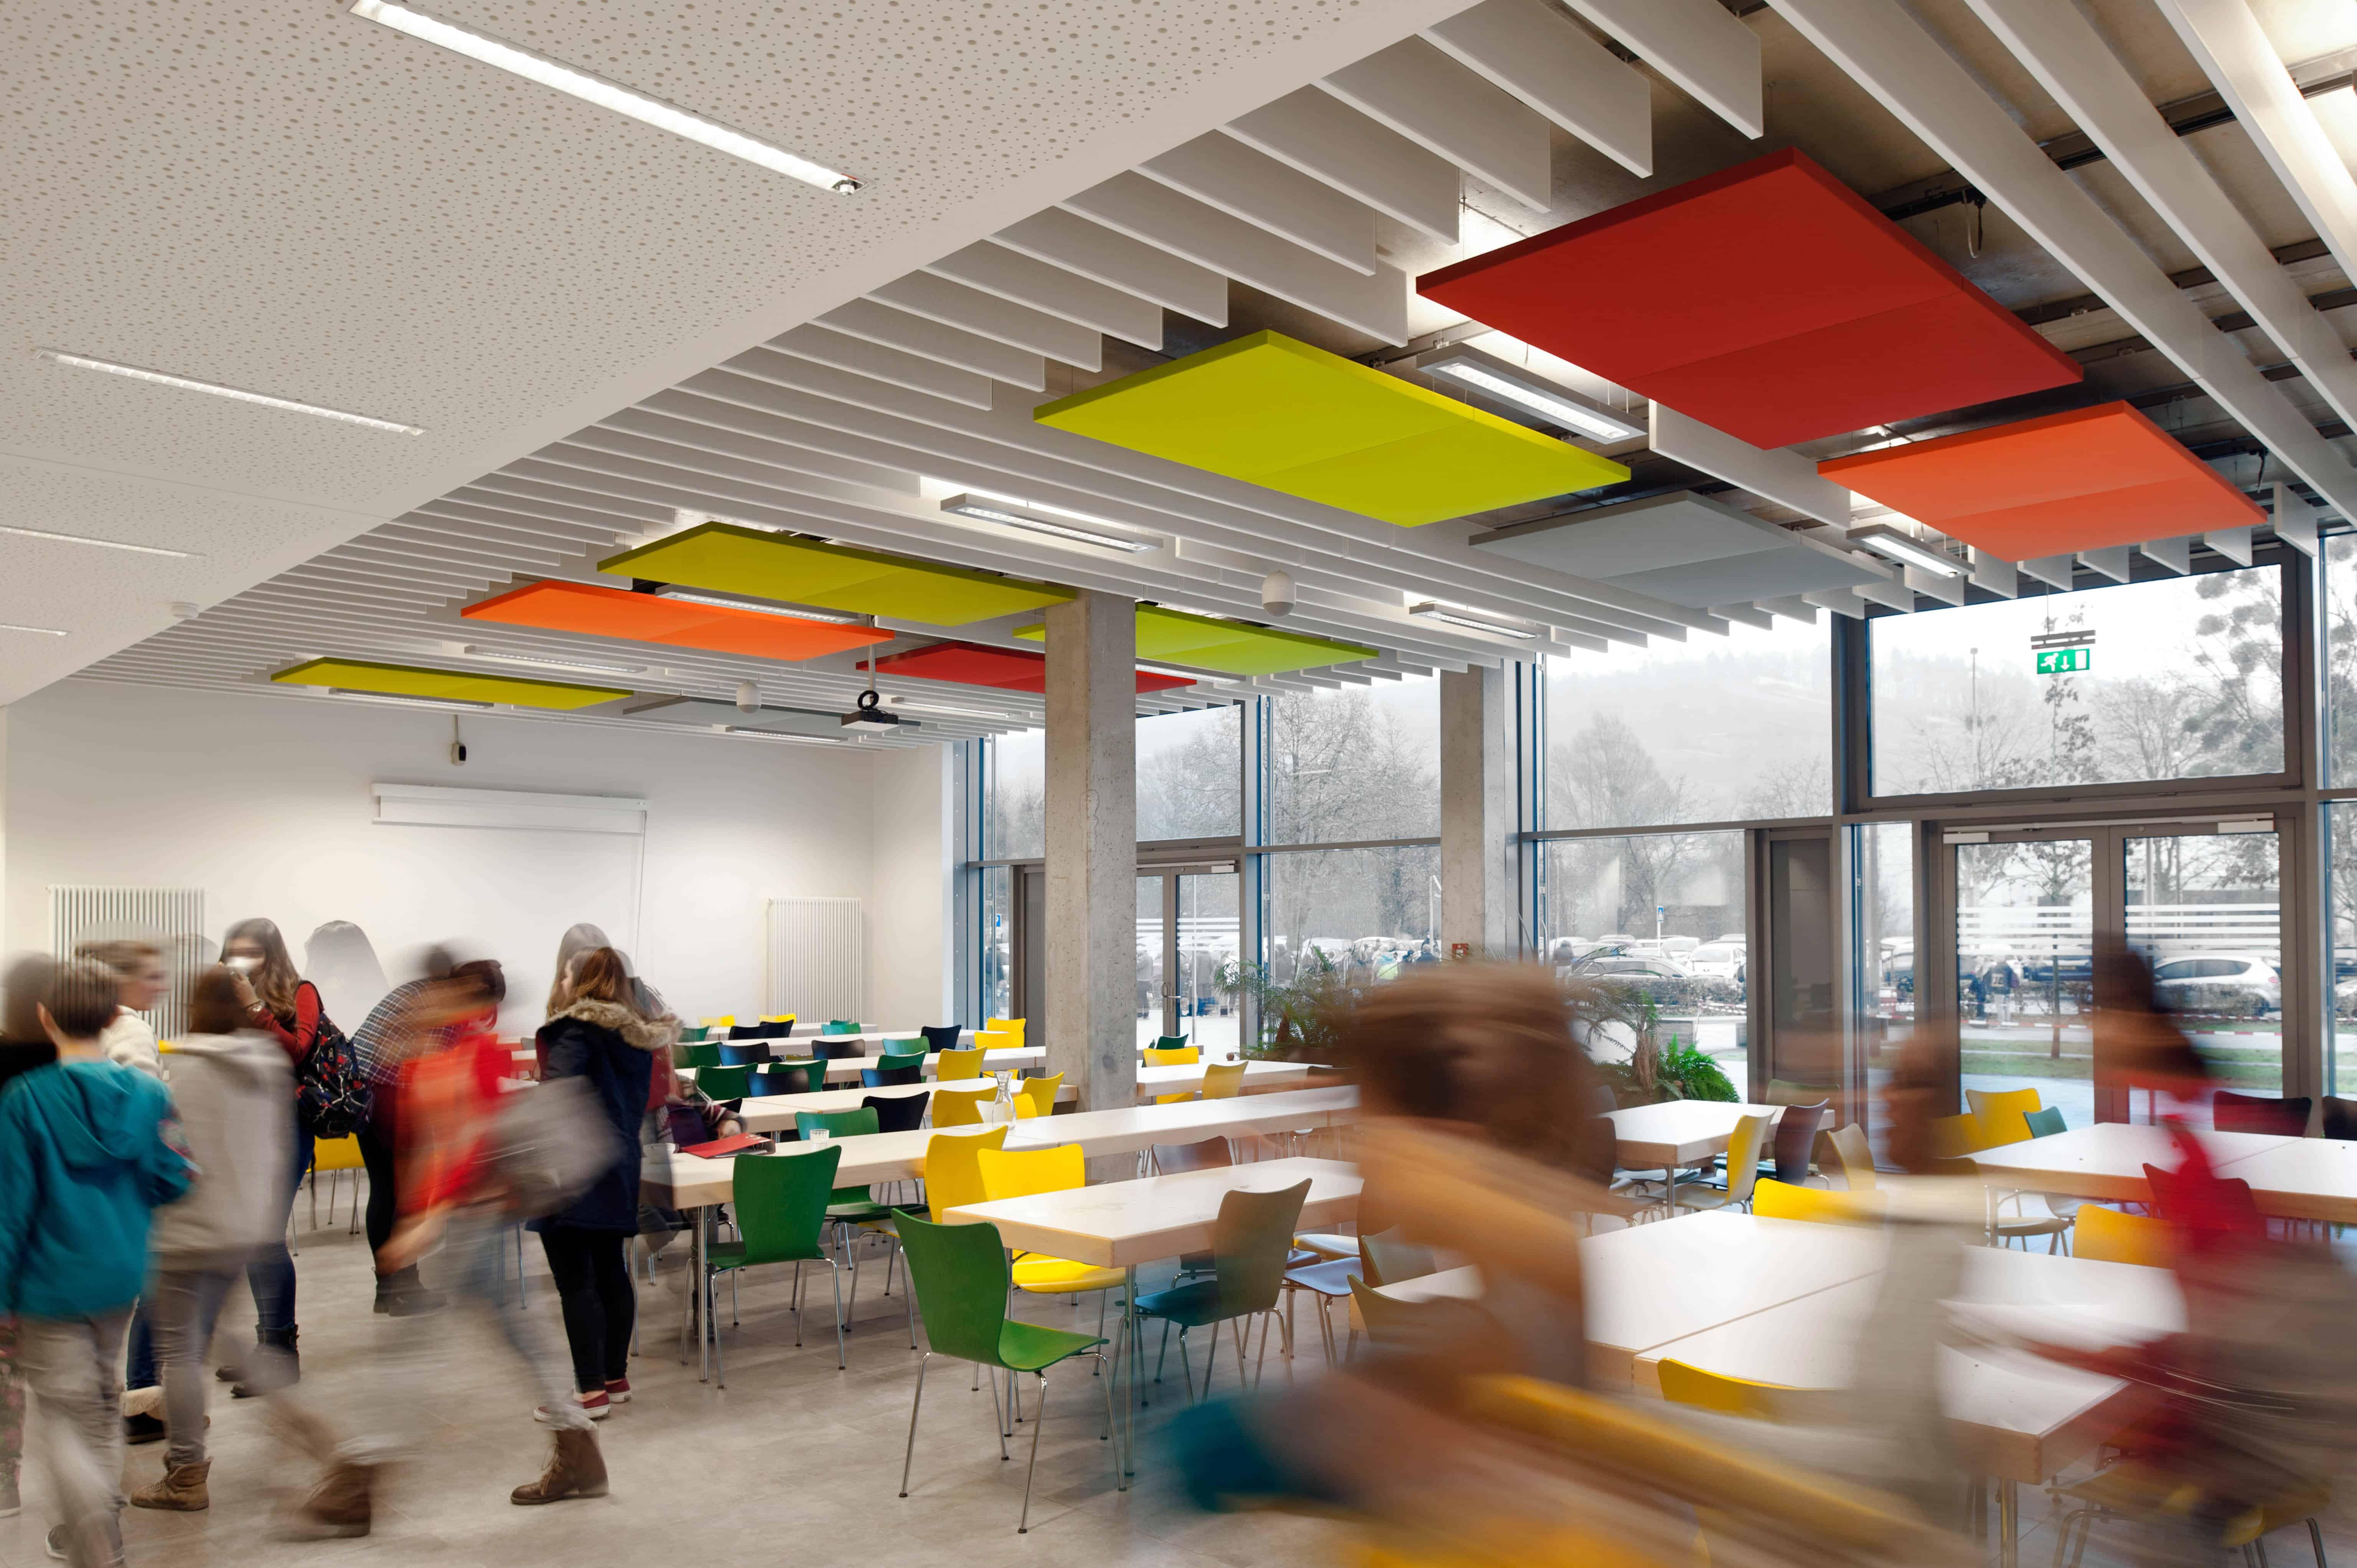 Texaa Panneaux Stereo une face Lycée technique de Mersch Luxembourg Architectes ArcoArchitecture © Catherine Thiry